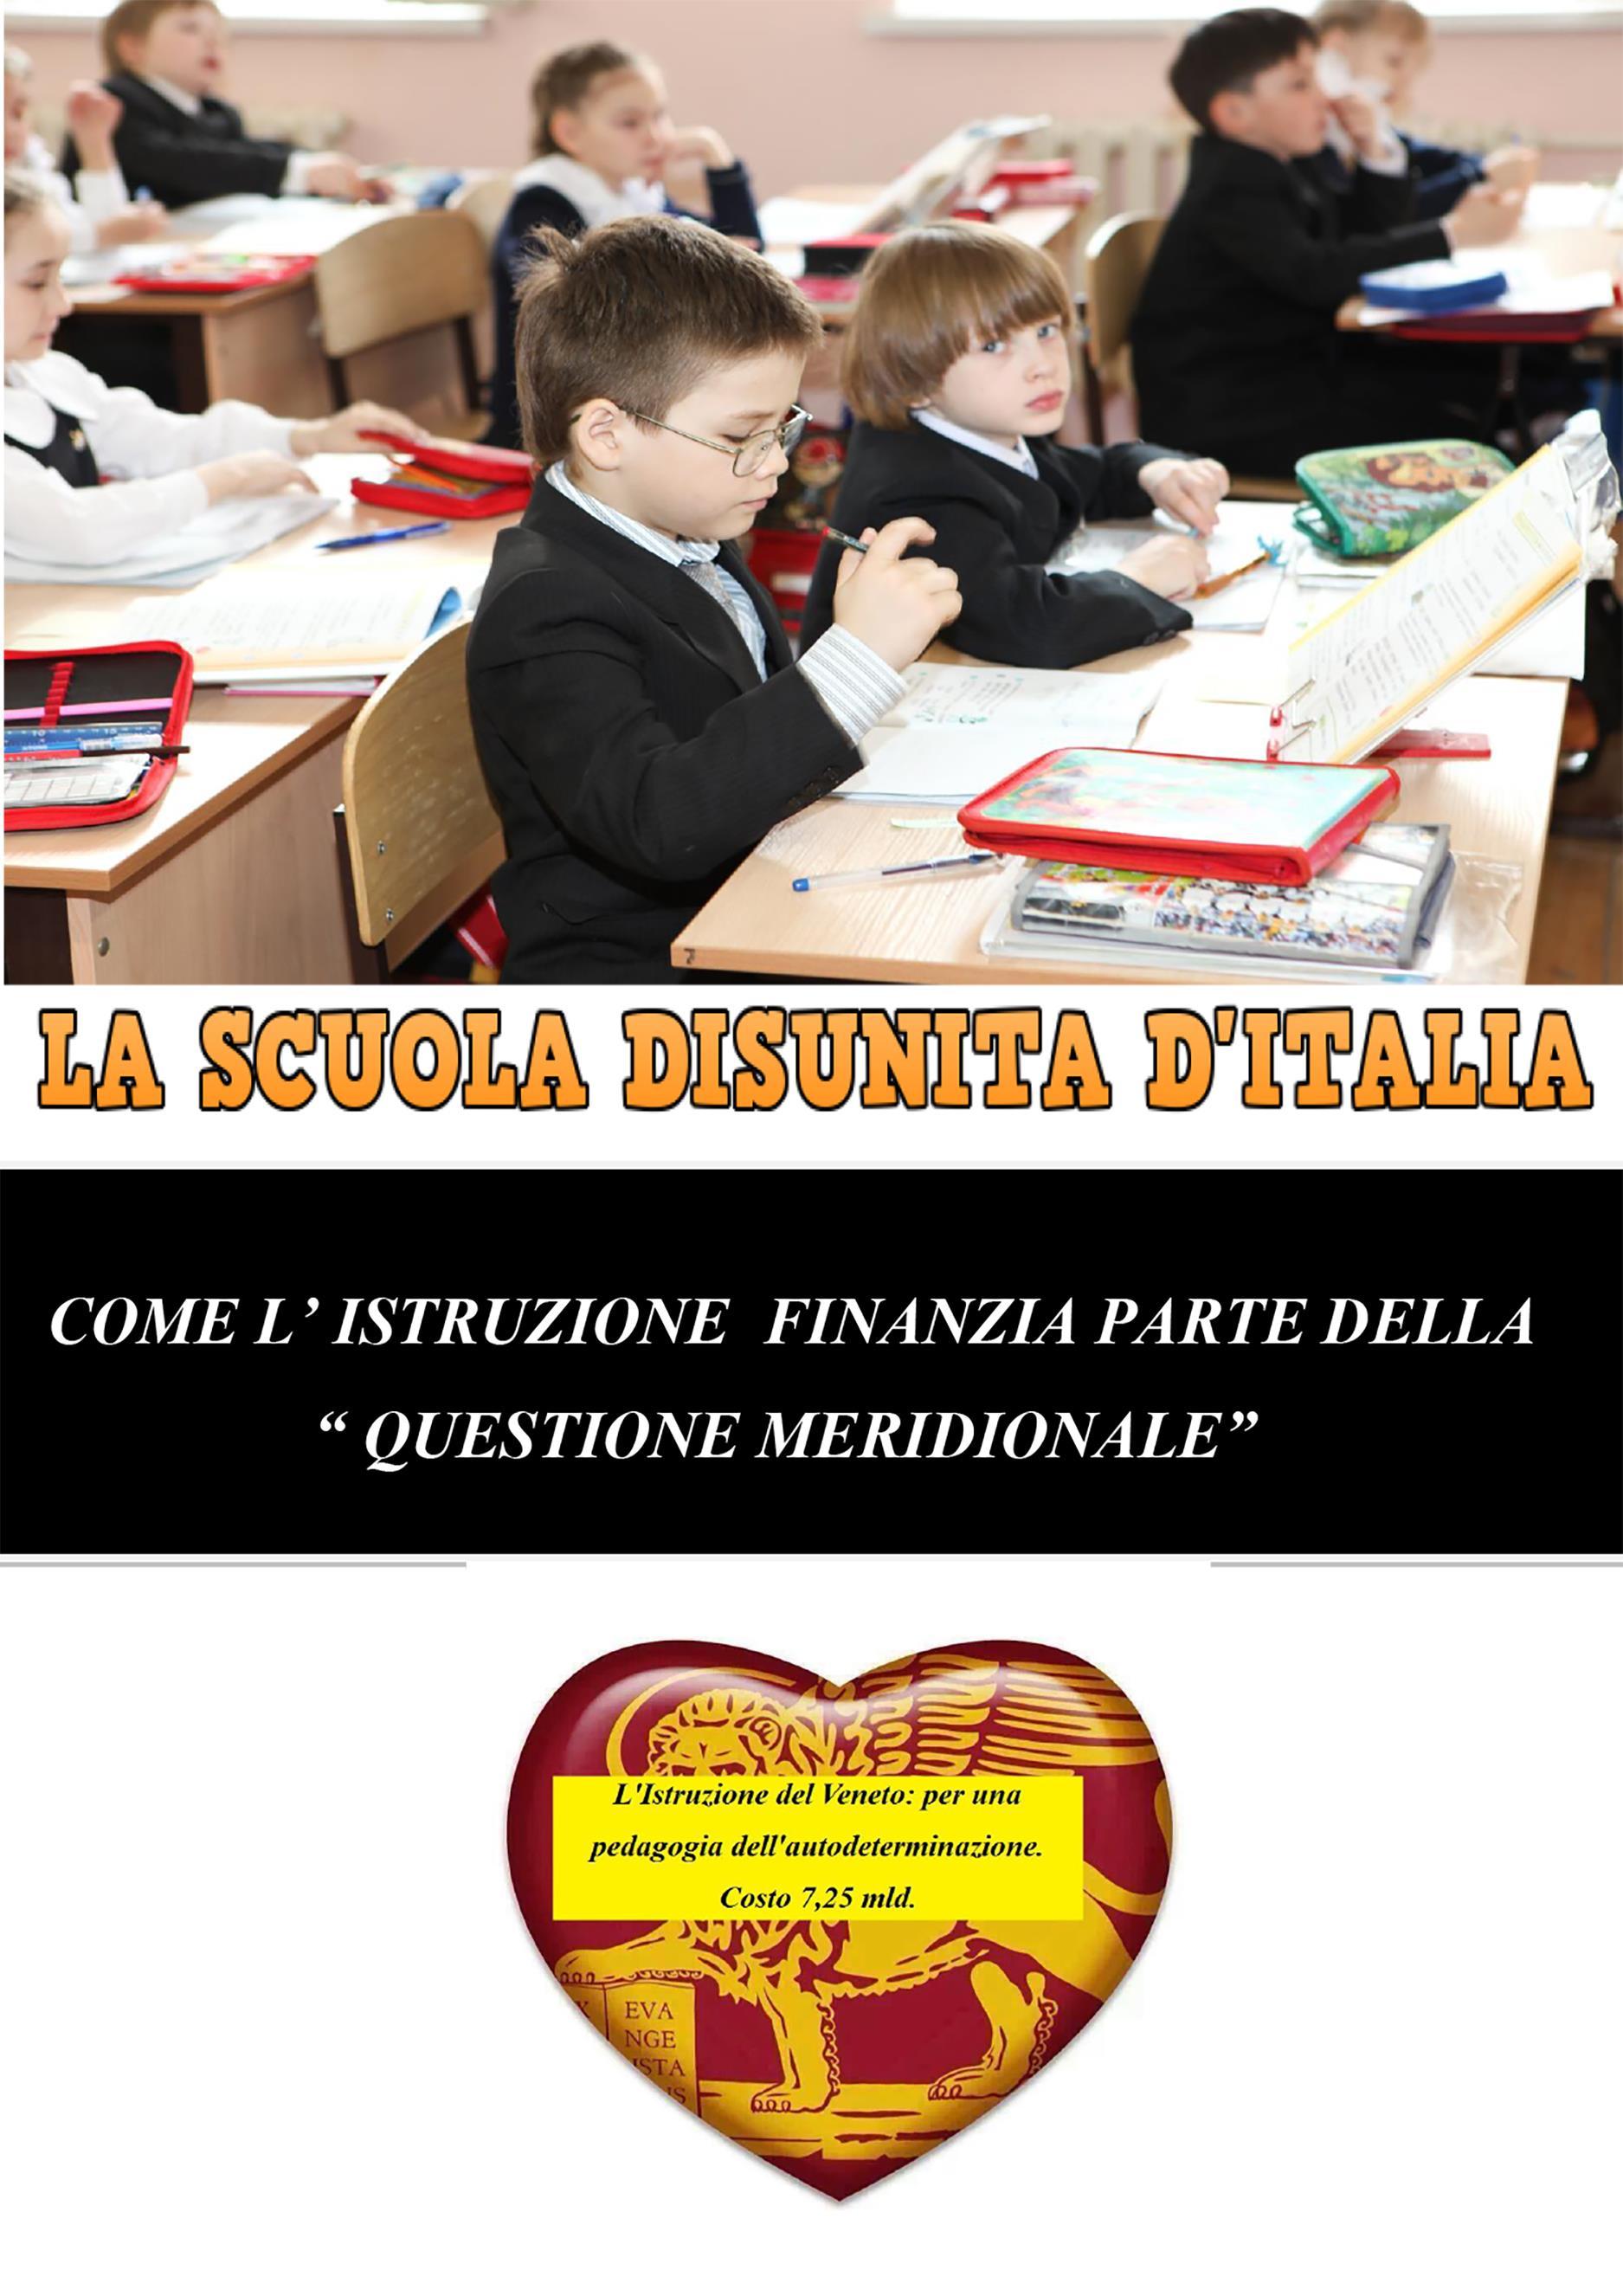 La scuola disunita d'Italia